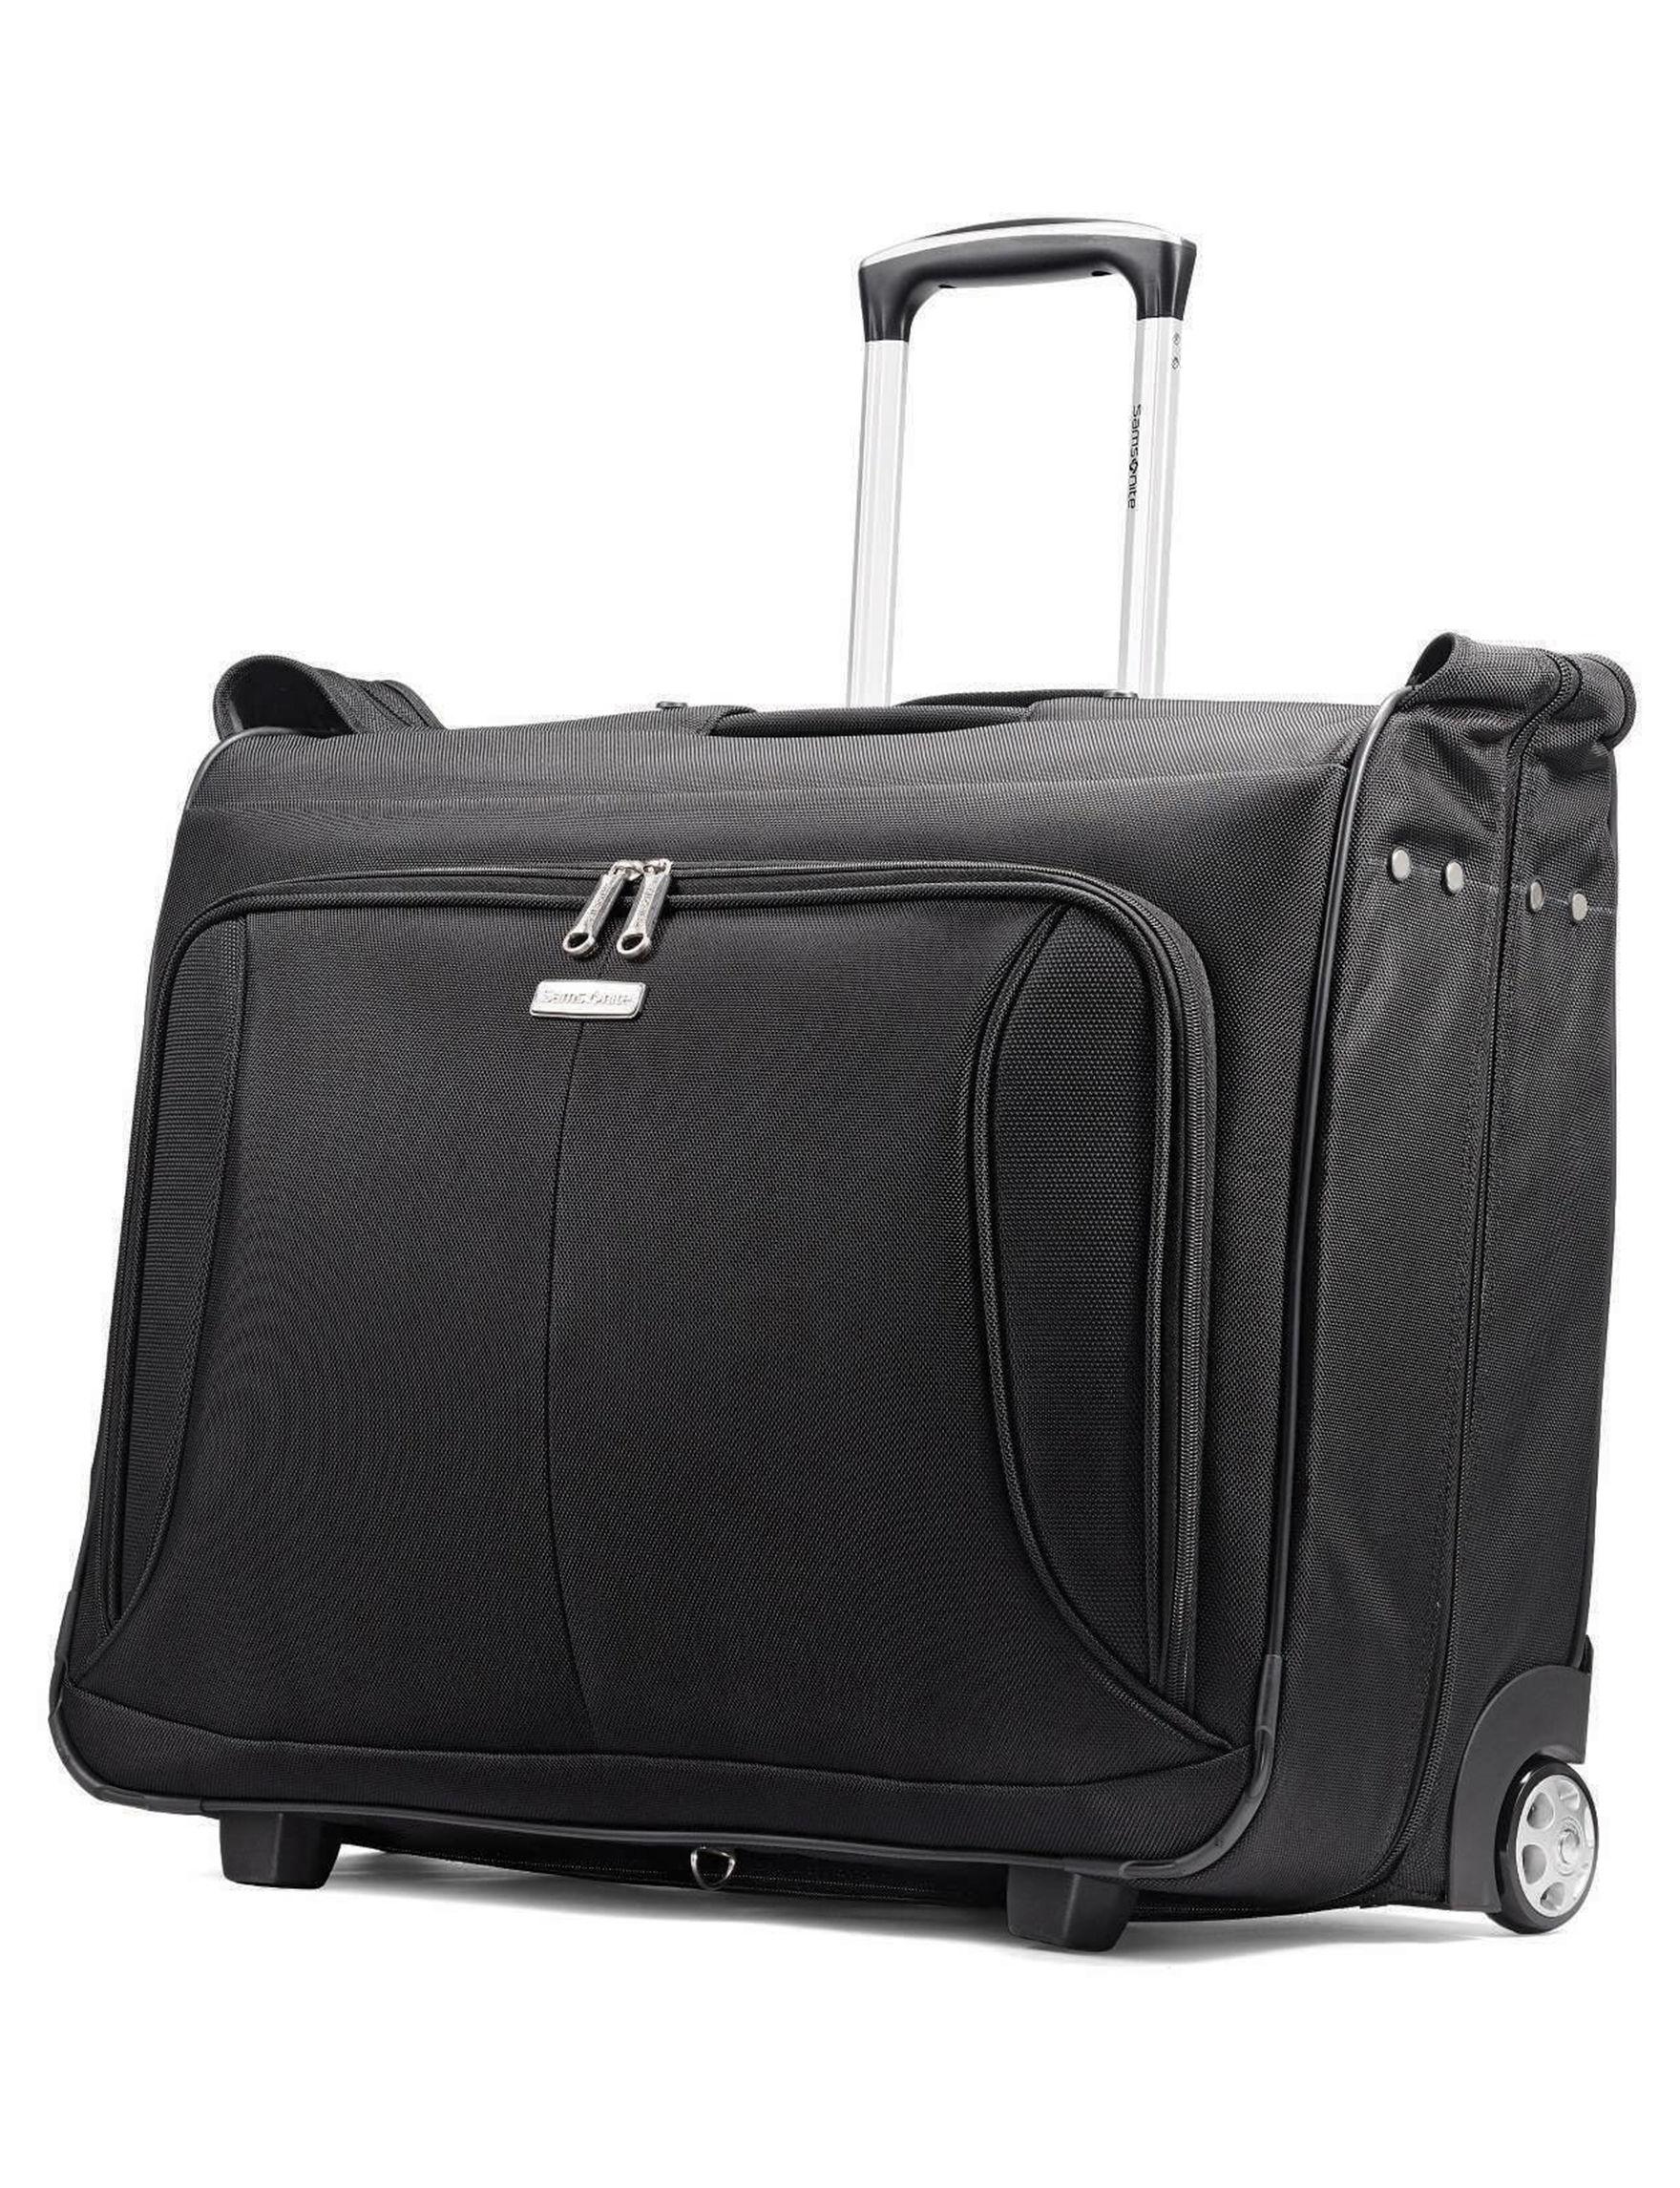 Samsonite Black Garment Bags